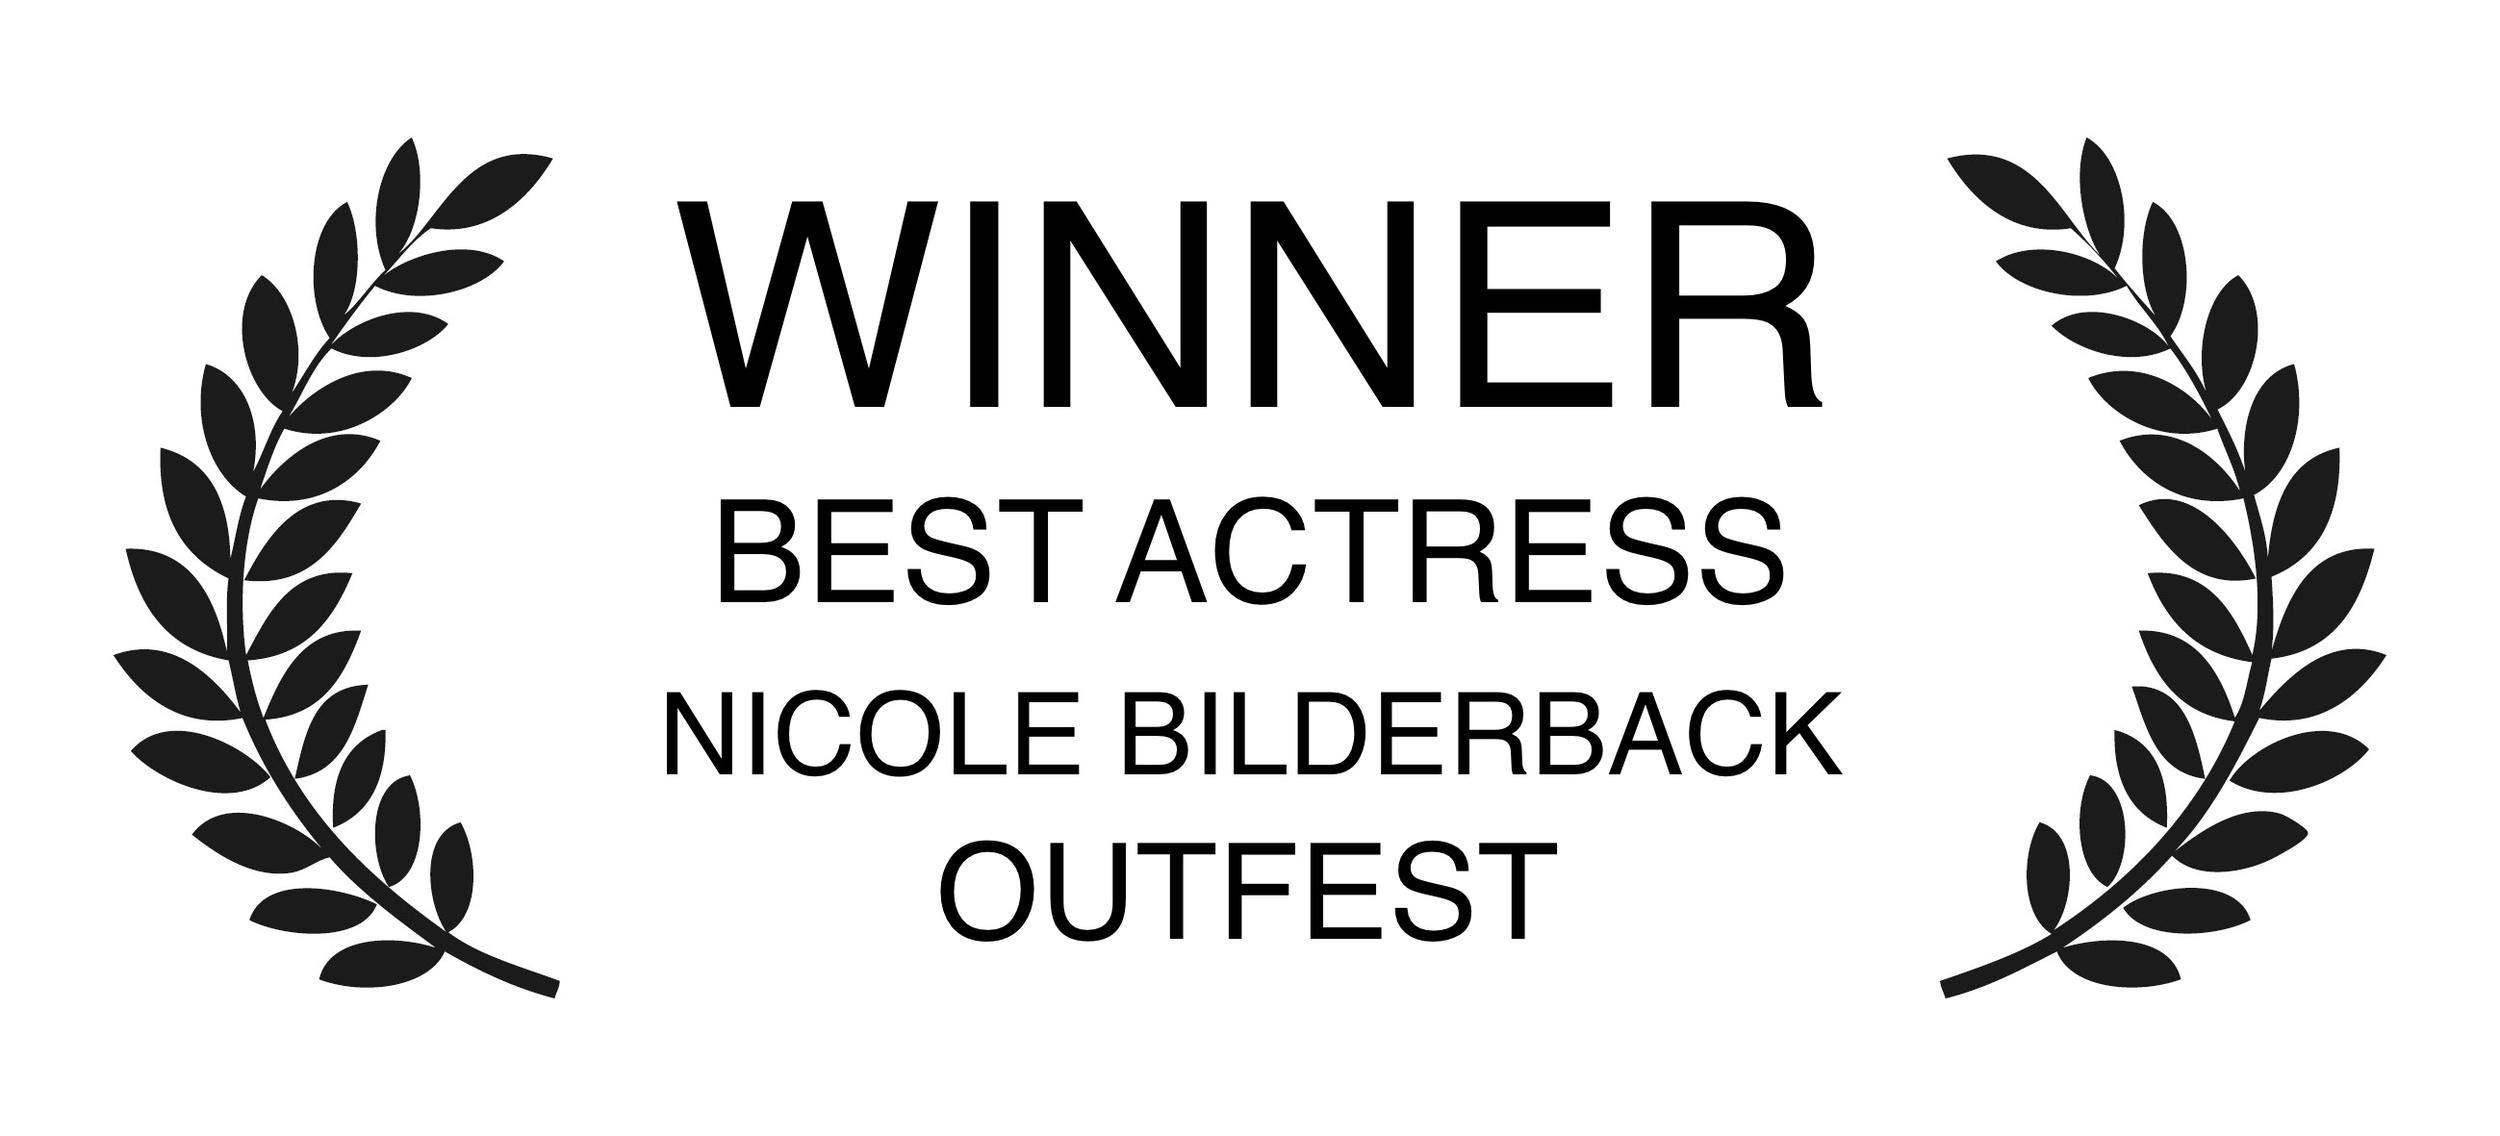 TNT Best Actress Outfest.jpg